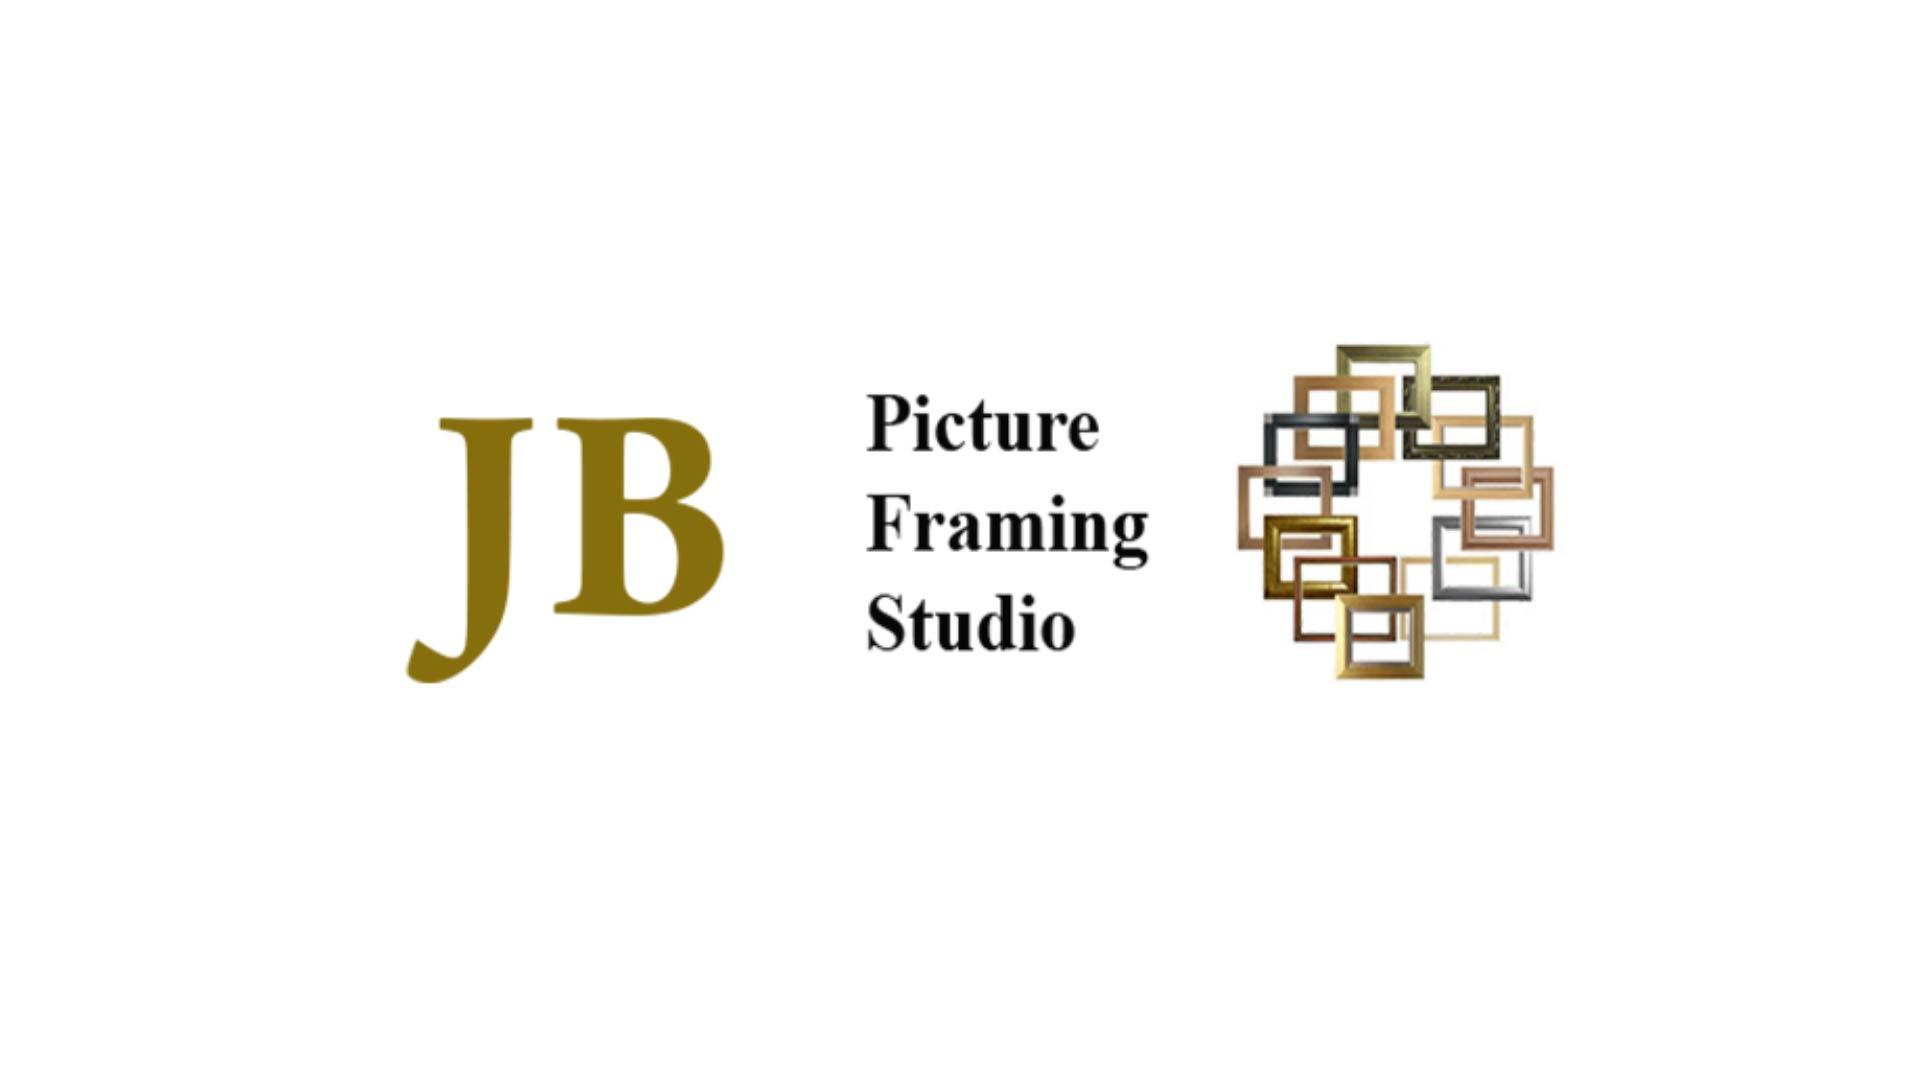 JB Framing